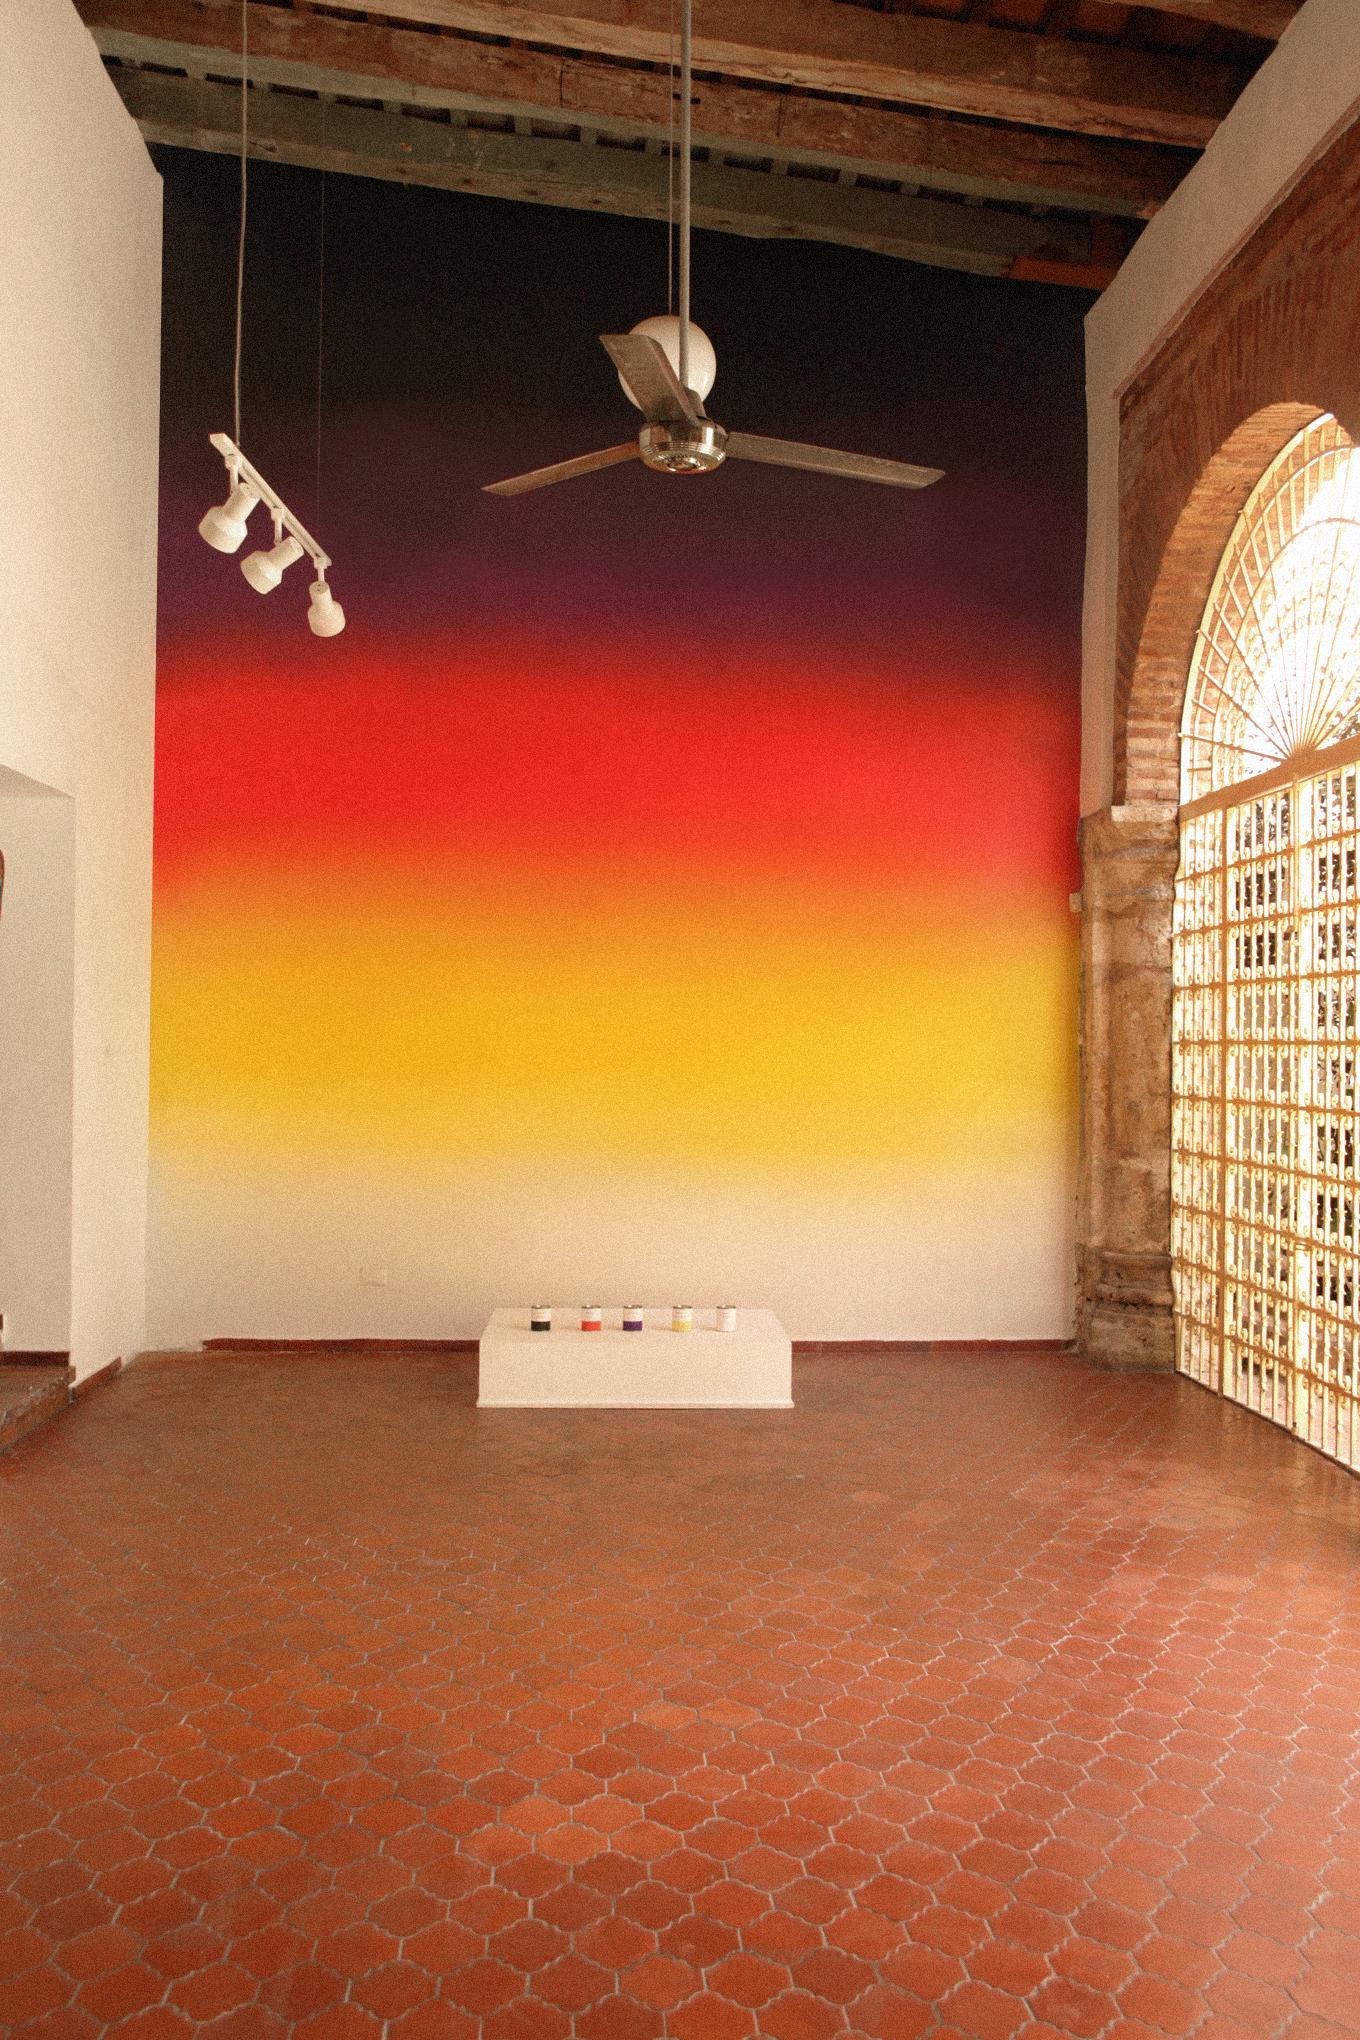 """Installation view of """"Panorama""""and """"Panorama aplicado a pared"""" in """"TRIGGERED"""" at Casa Quién Gallery, Santo Domingo. (Courtesy Casa Quién, Santo Domingo. Photo by Karla Read.)"""